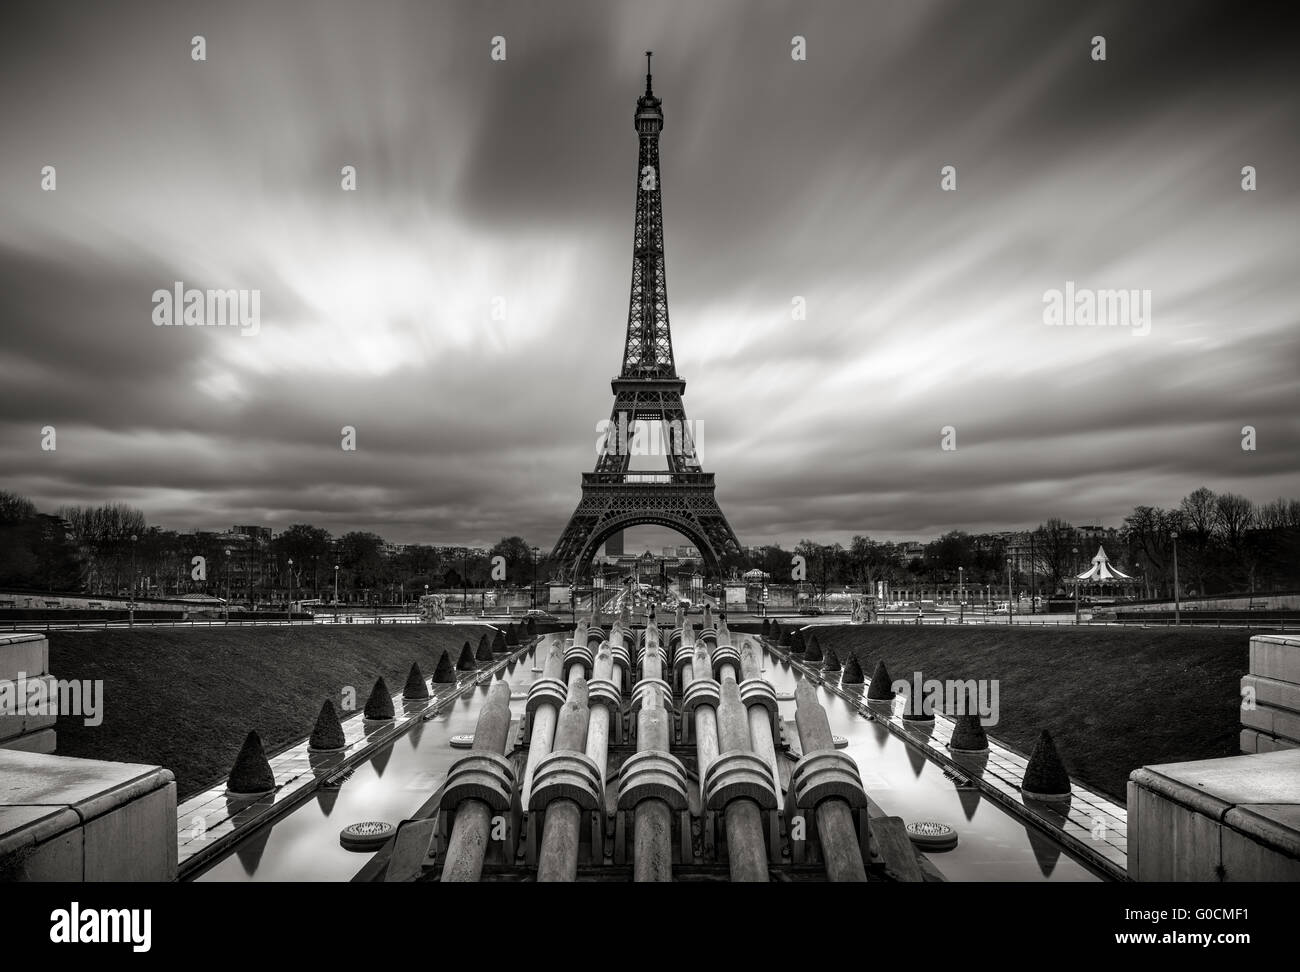 La Tour Eiffel et Trocadero au lever du soleil avec des nuages en mouvement rapide, Paris, France. Noir et blanc. Photo Stock